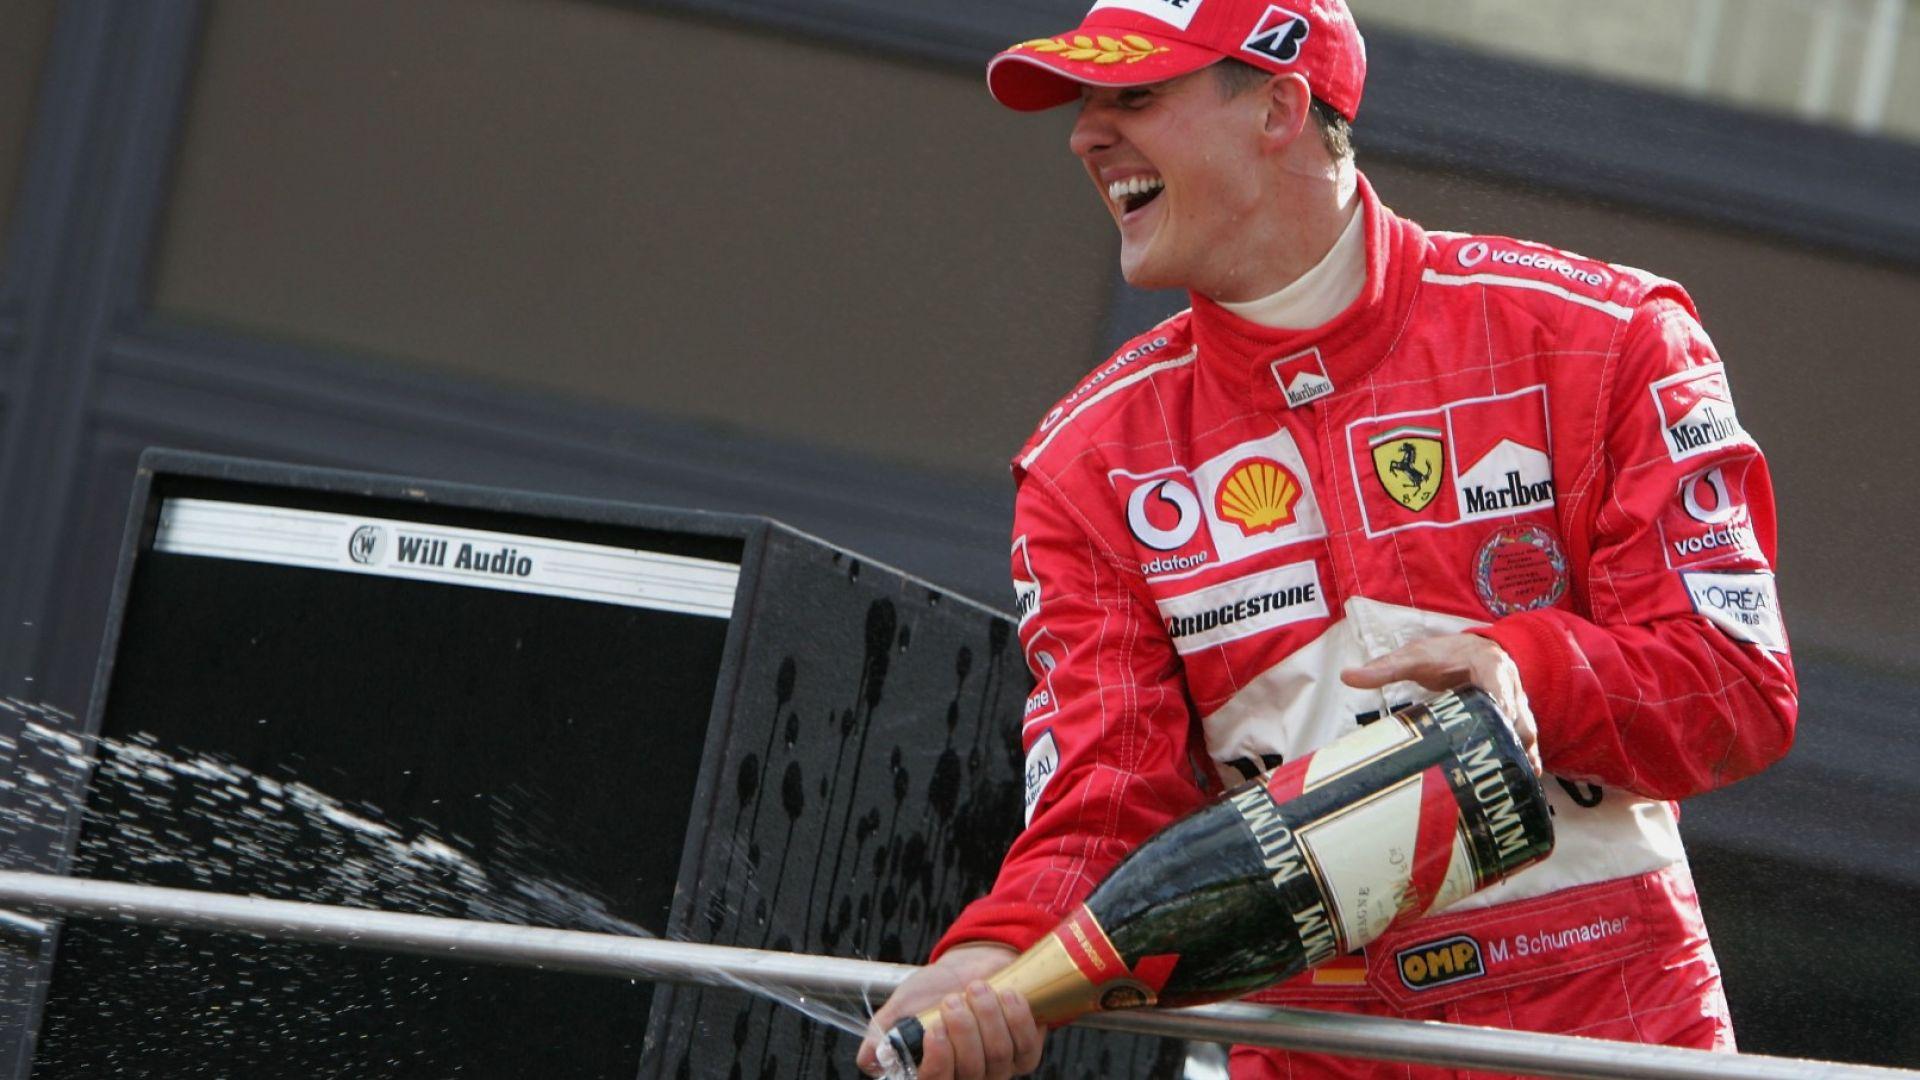 70 години Формула 1 - Шумахер е най-влиятелната личност